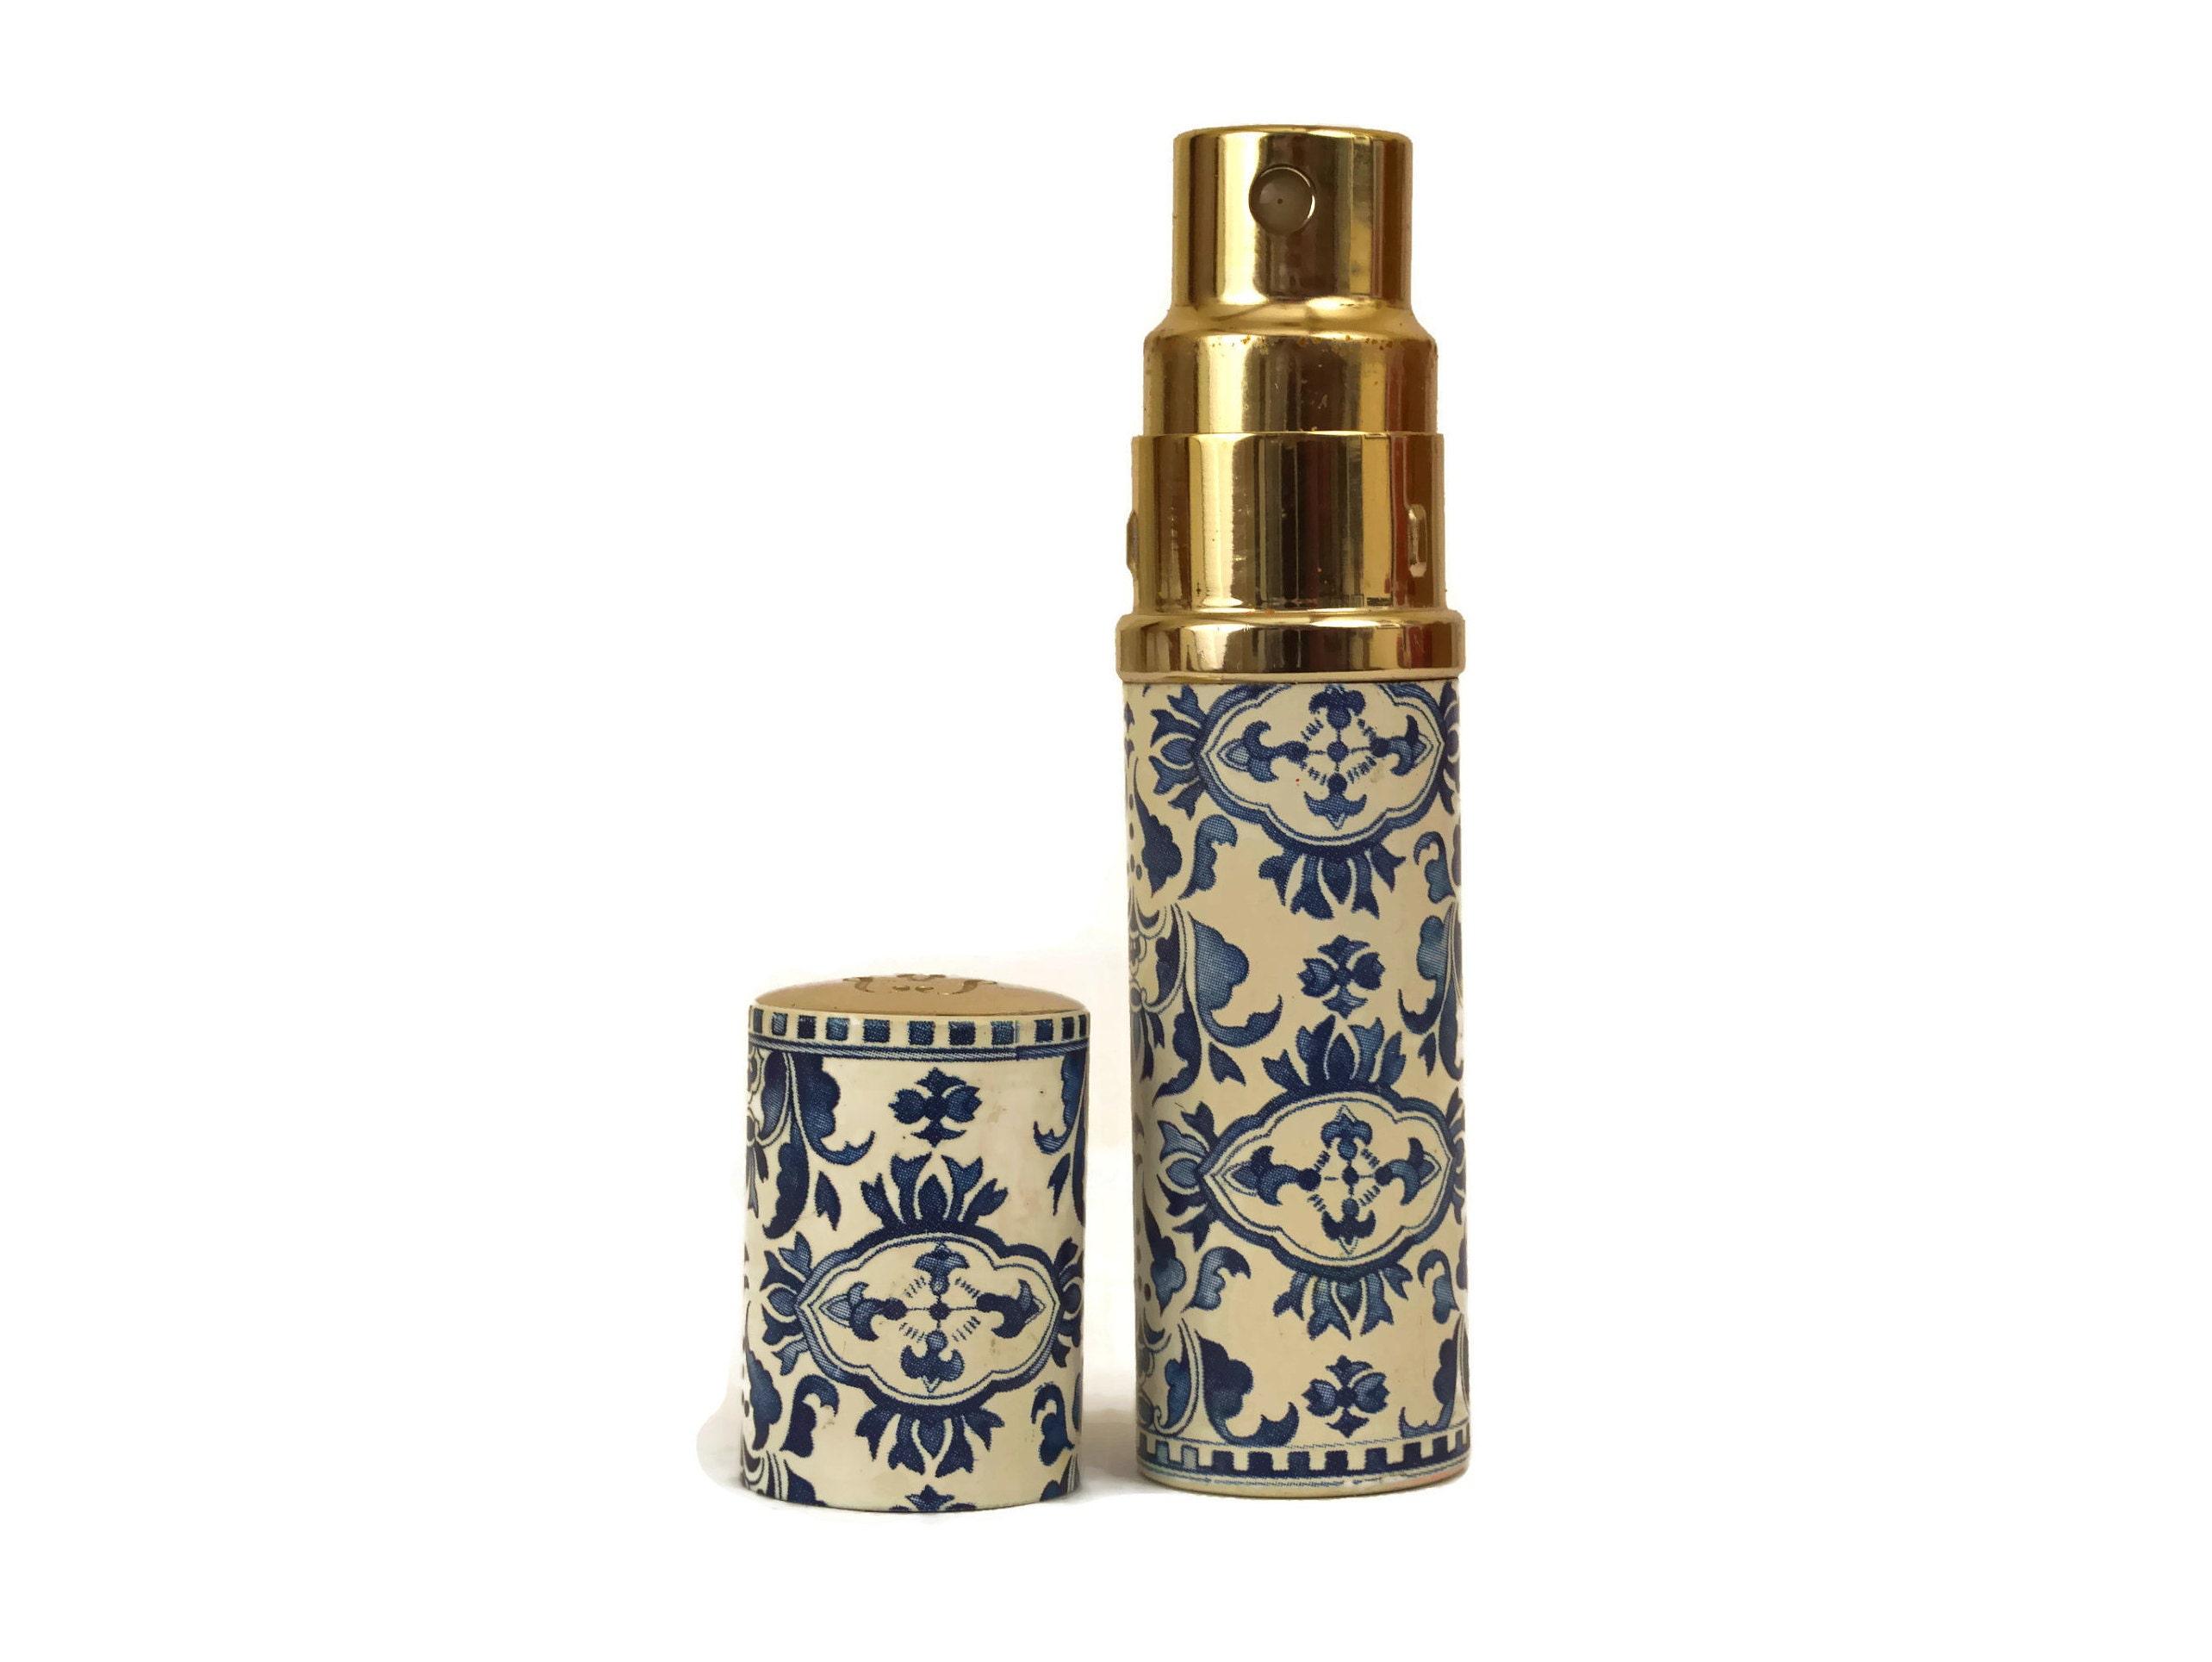 Vintage Guerlain Lheure Bleue Perfume Refillable Canister Case